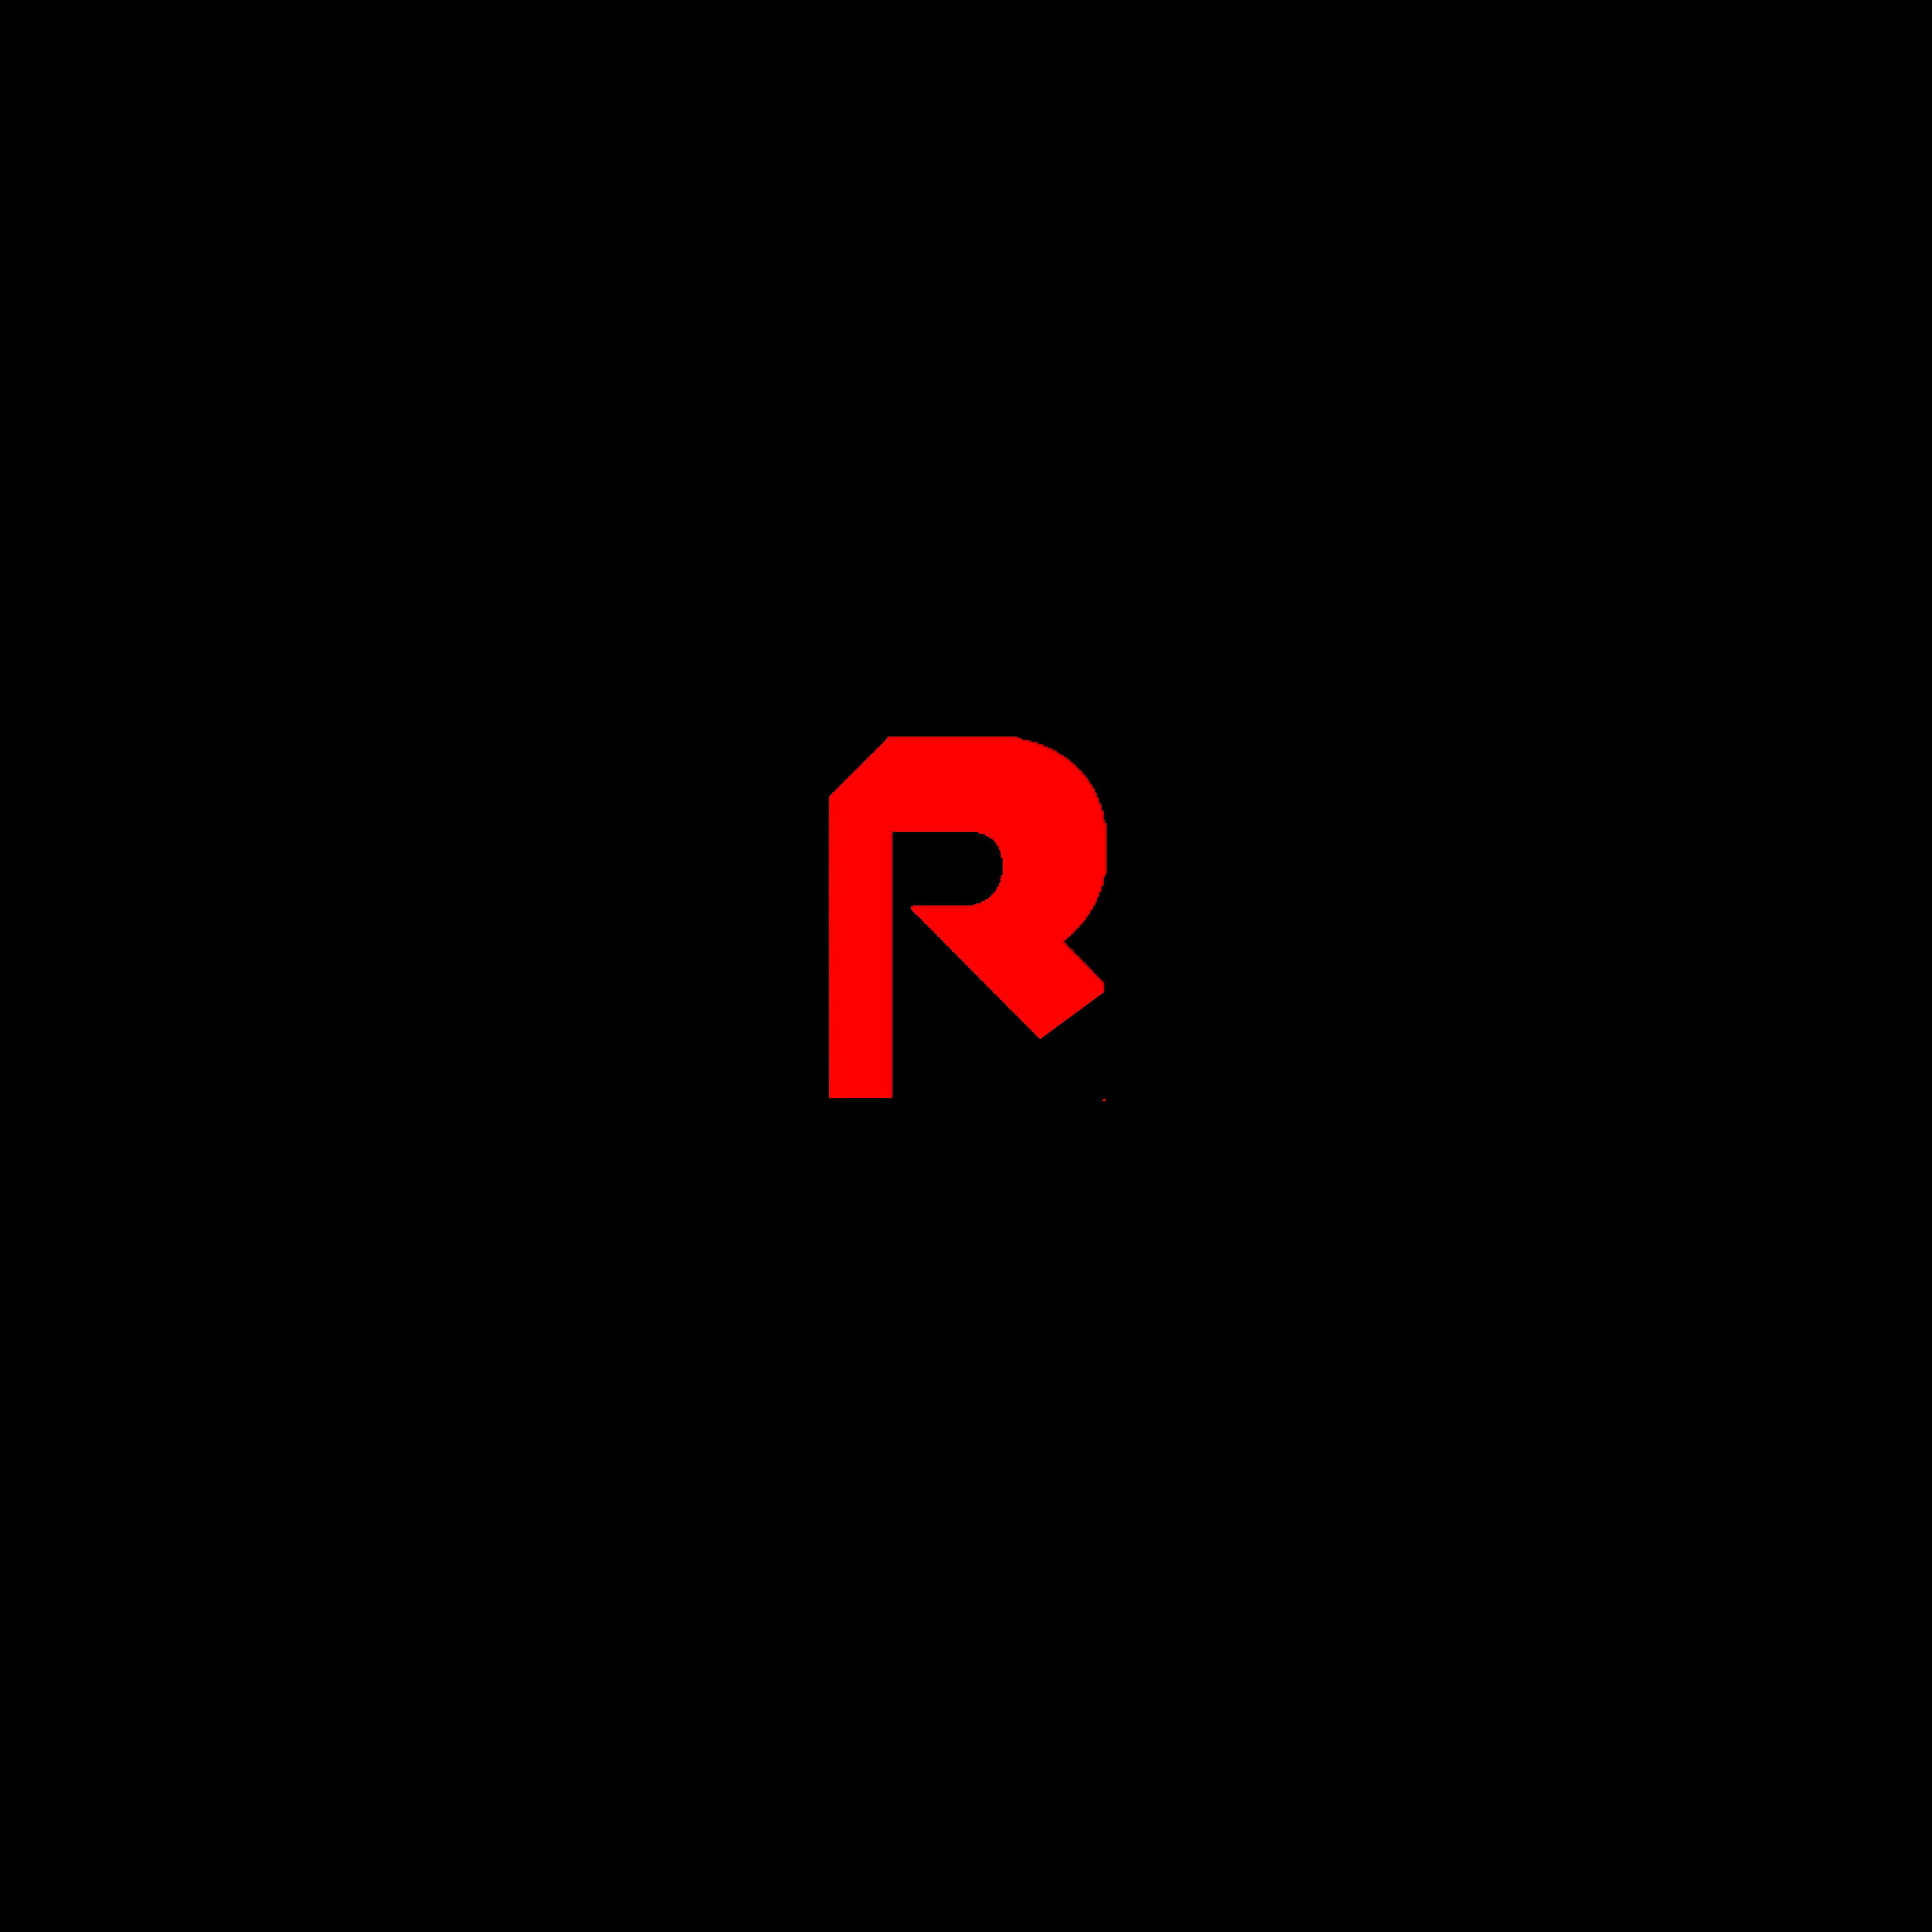 Pwr sponsor logo